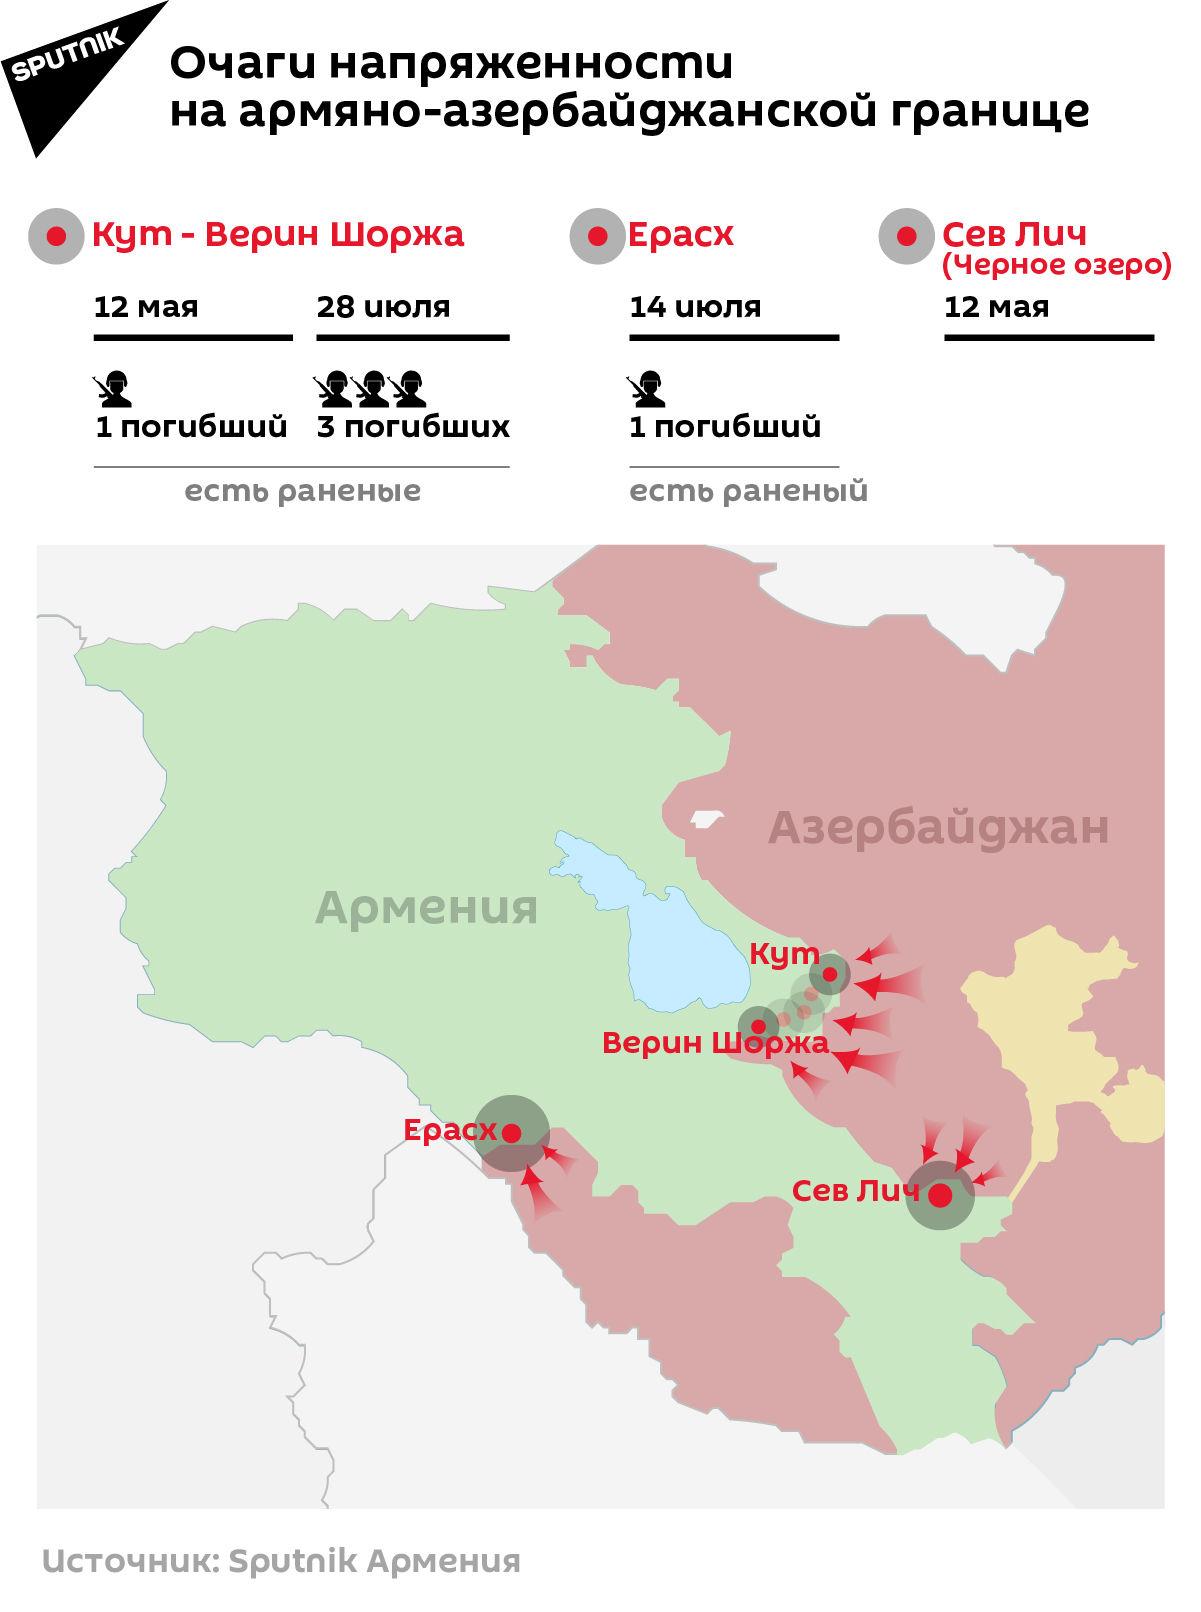 Очаги напряженности на армяно-азербайджанской границе - Sputnik Армения, 1920, 28.07.2021